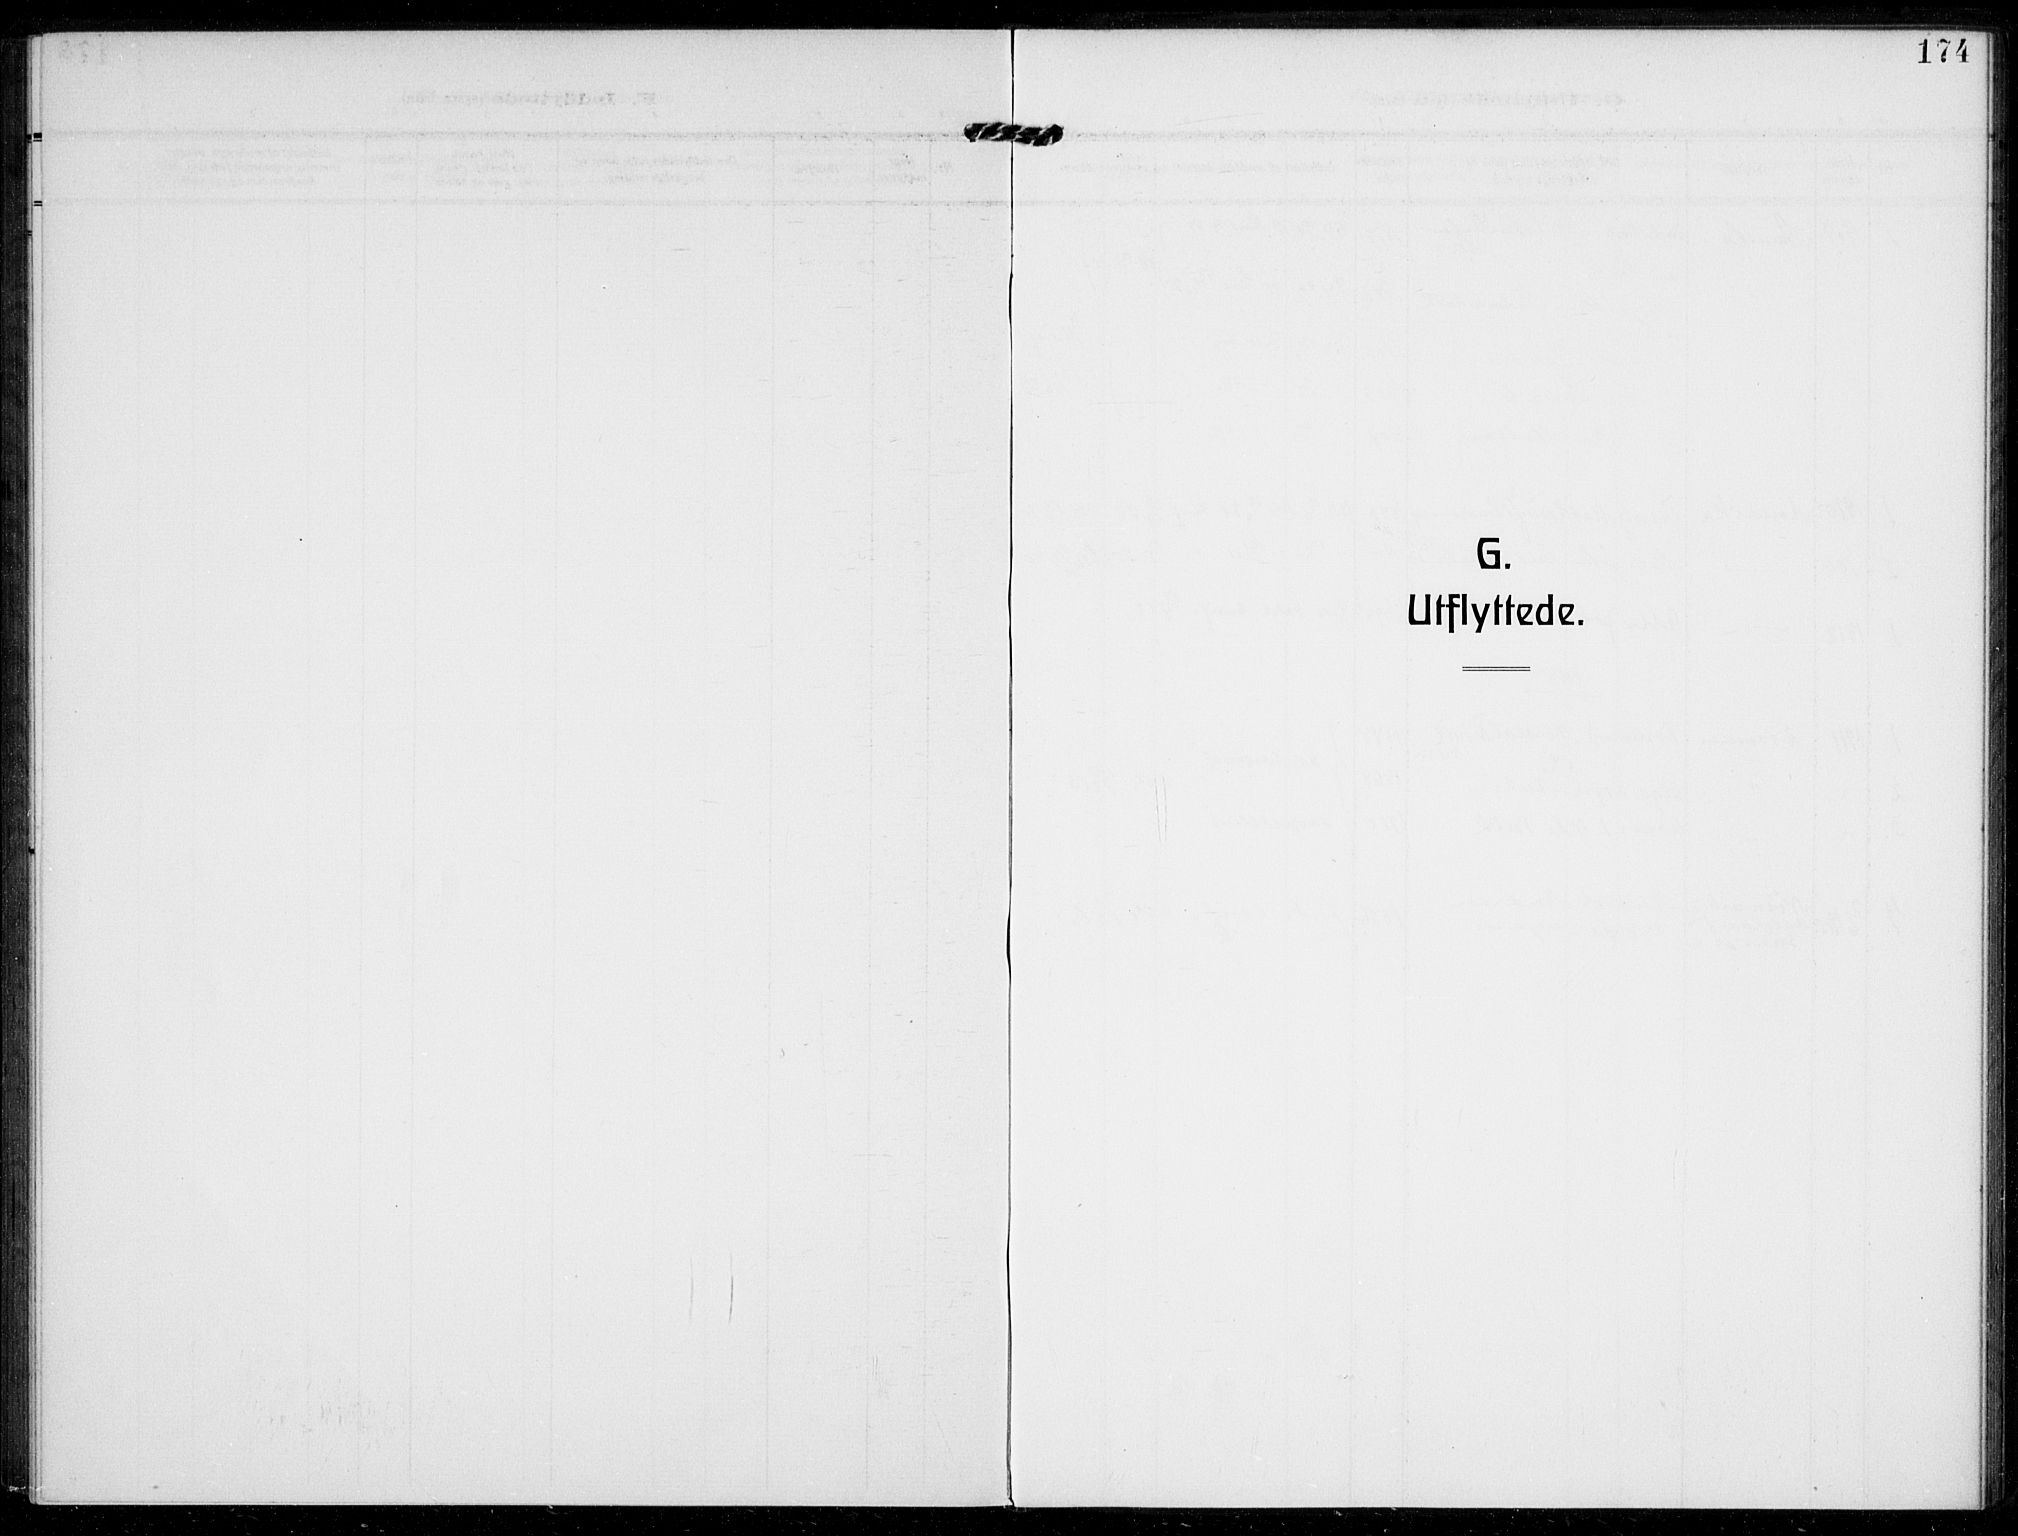 SAKO, Bamble kirkebøker, F/Fc/L0001: Ministerialbok nr. III 1, 1909-1916, s. 174